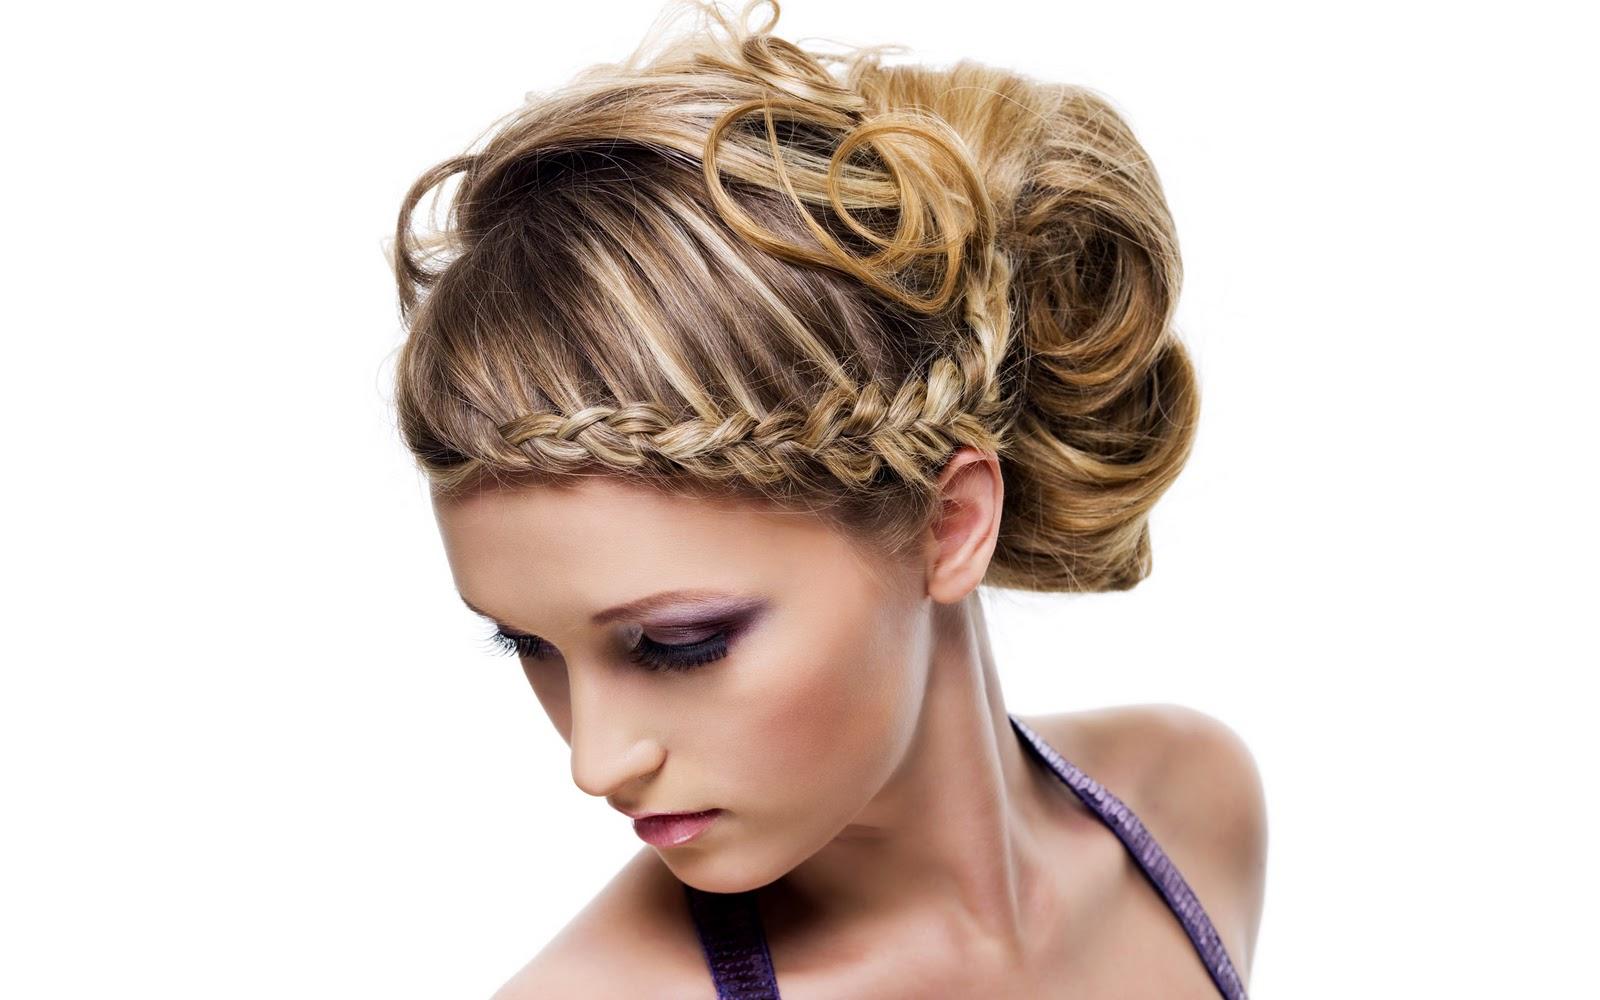 http://1.bp.blogspot.com/-pnXZTjXukx0/TpdWac4PLqI/AAAAAAAAAVg/aytbPZqsi2c/s1600/Laetitia+Casta+hairstyles+%25283%2529.jpg